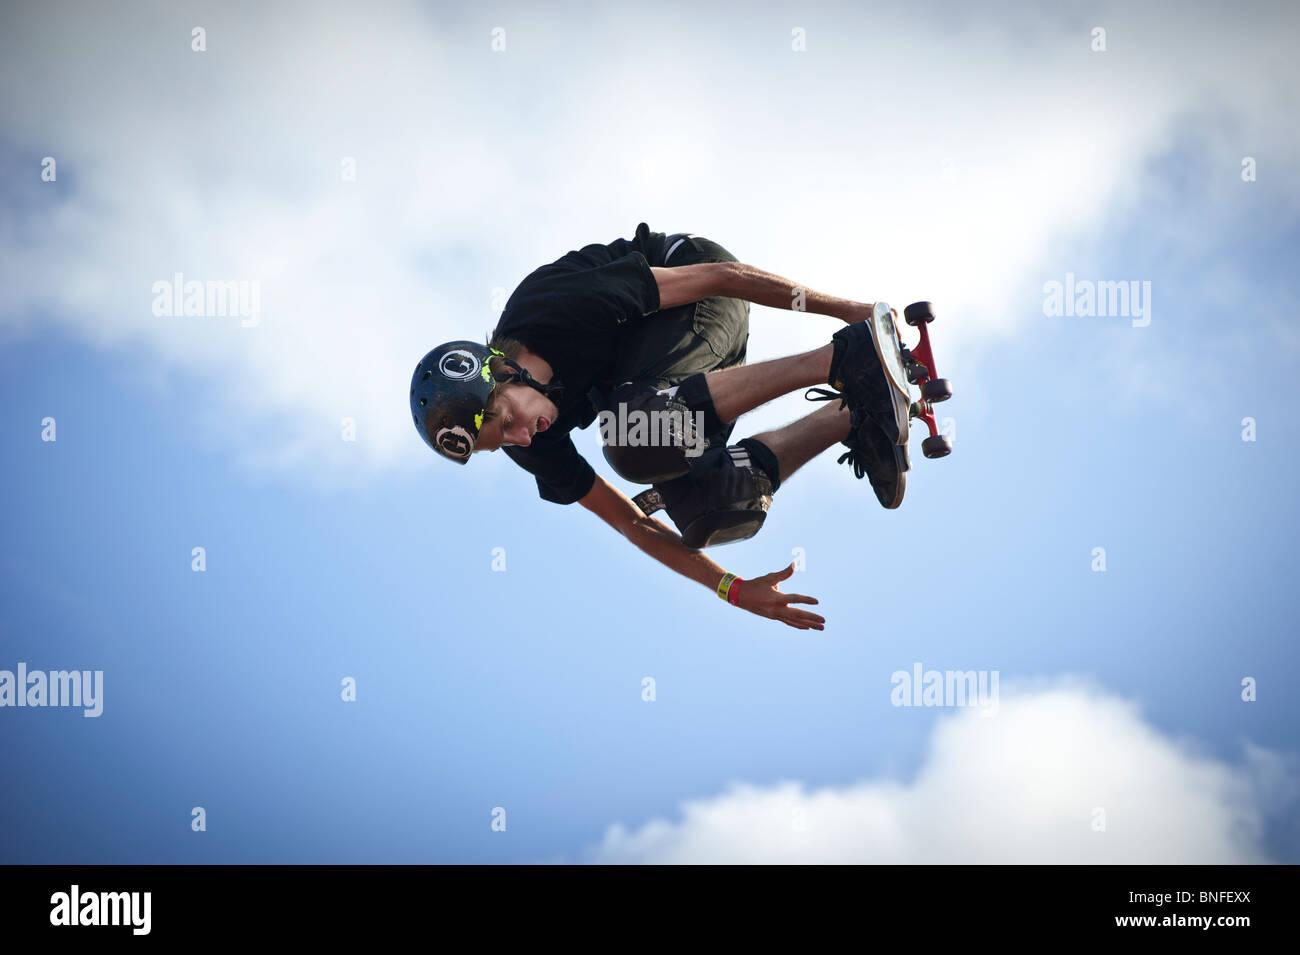 Lo skateboarder professionista di saltare in aria. Immagini Stock